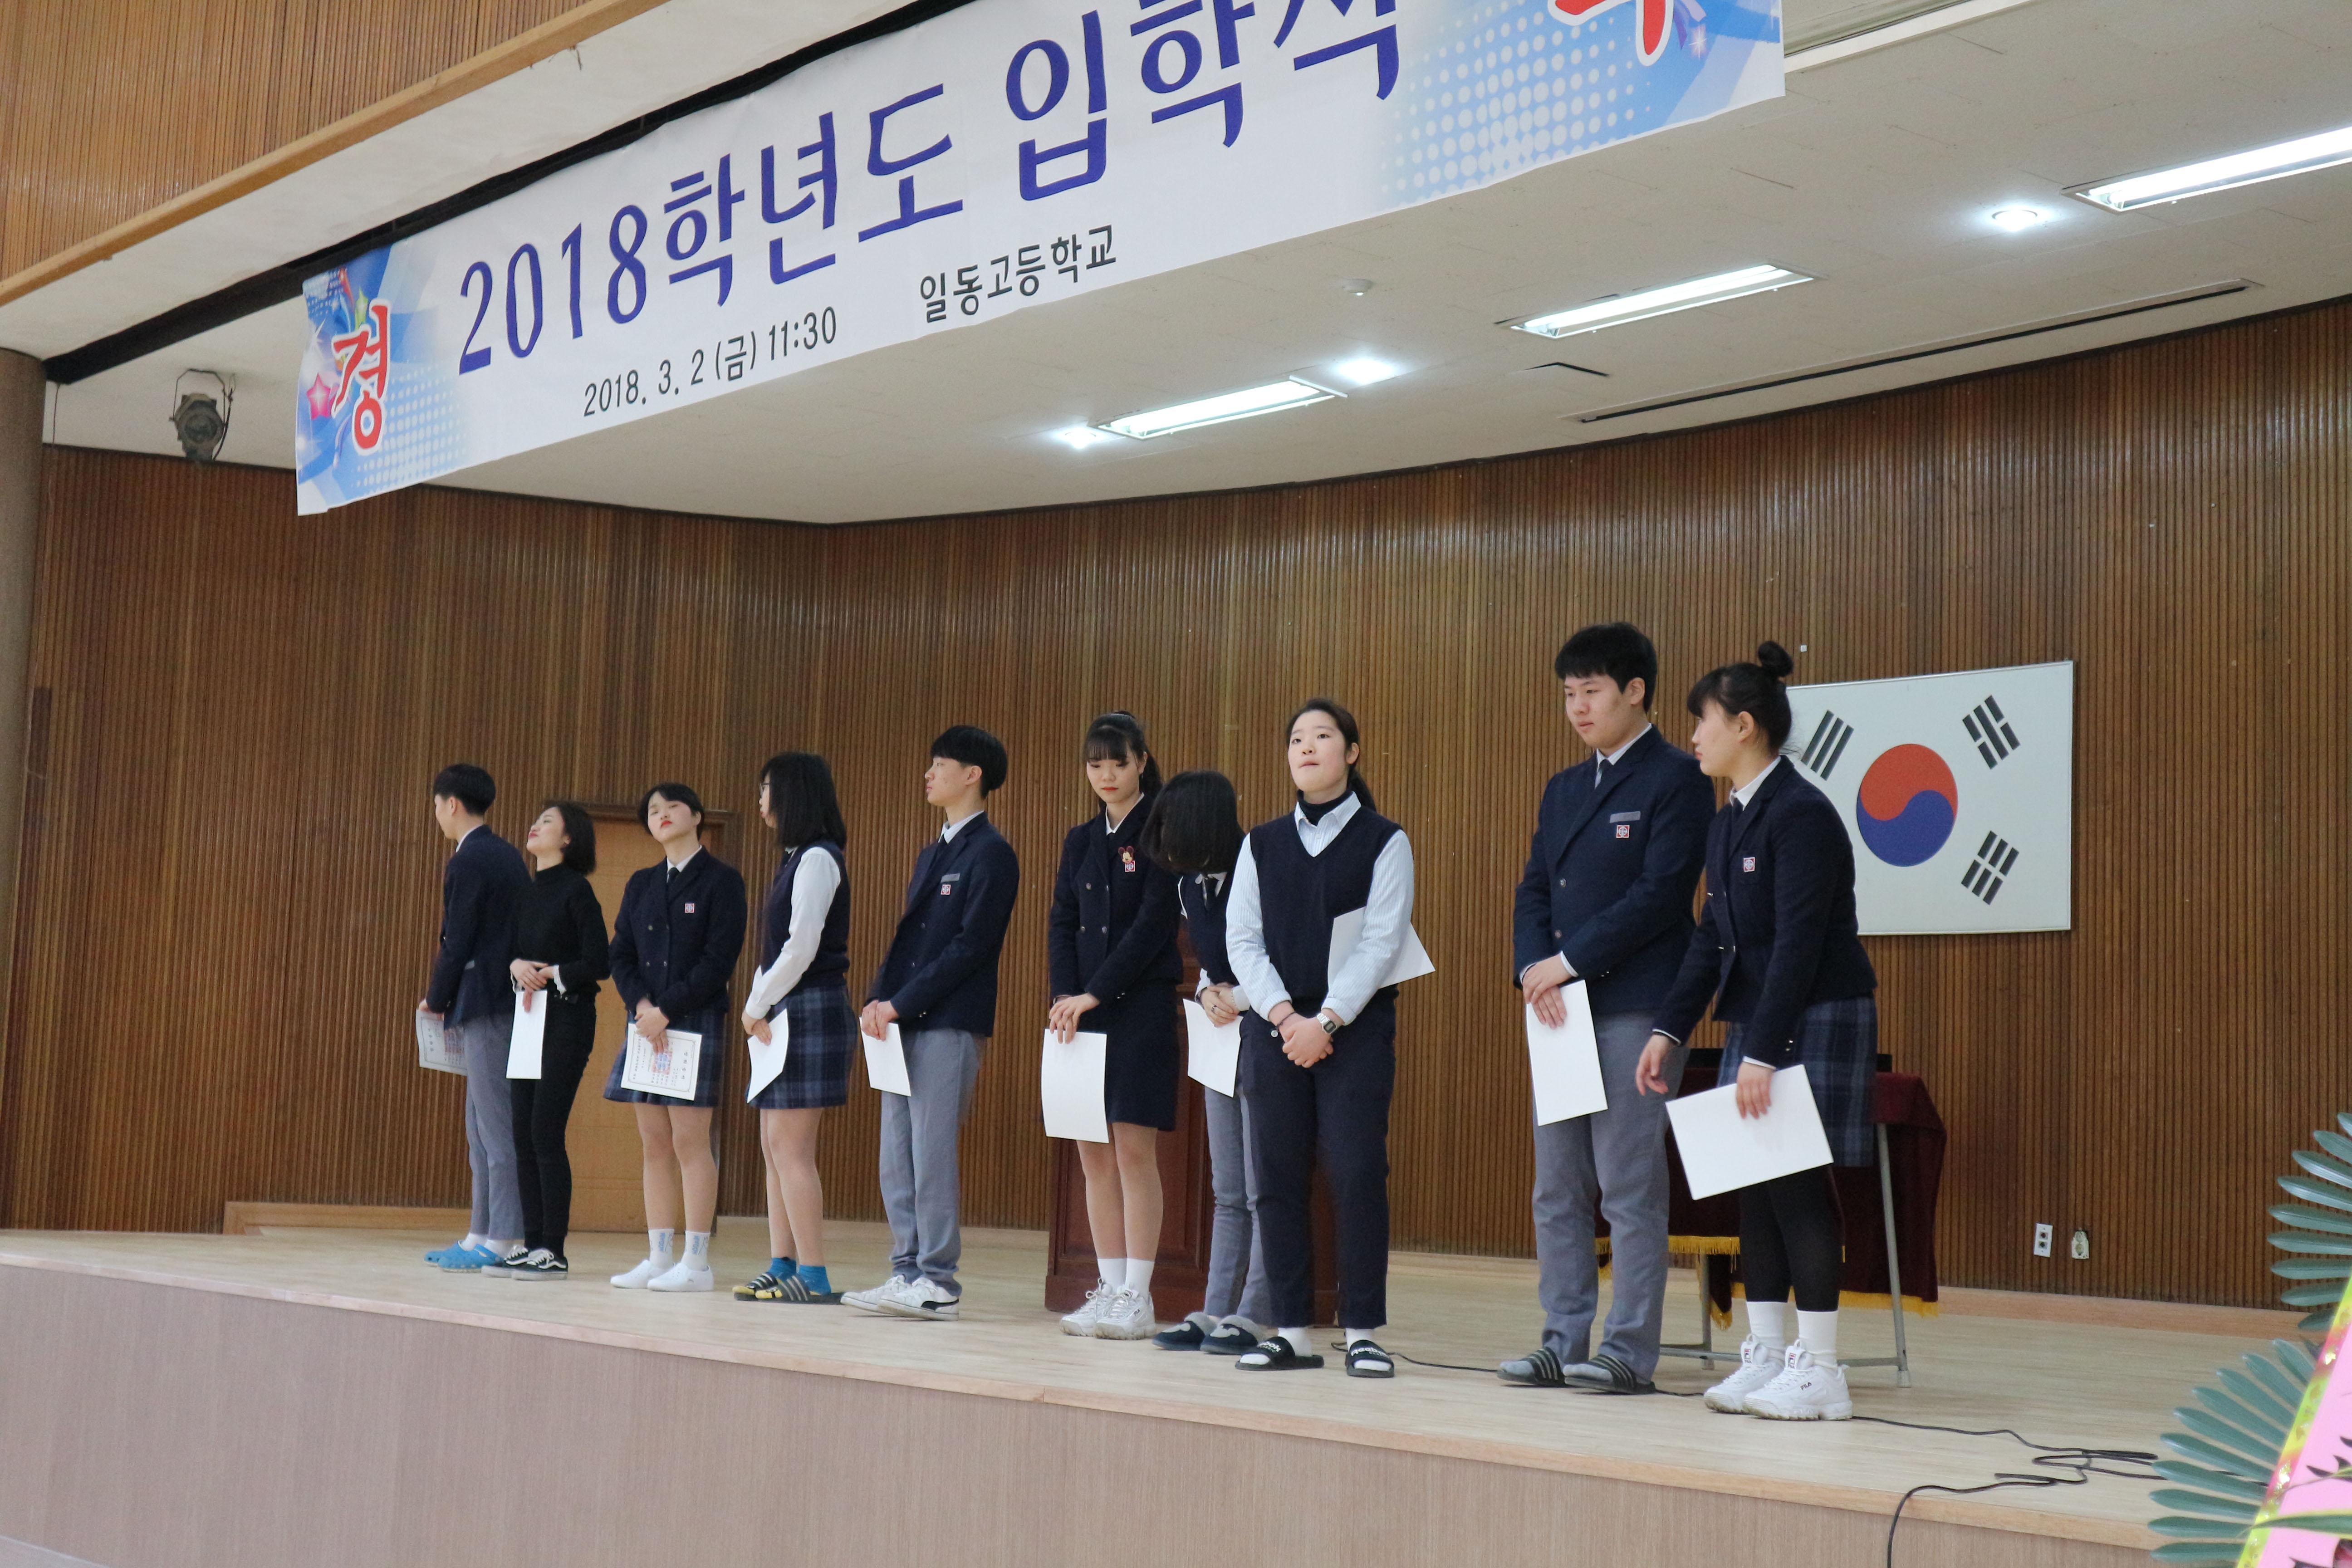 [일반] 2018학년도 입학식의 첨부이미지 6